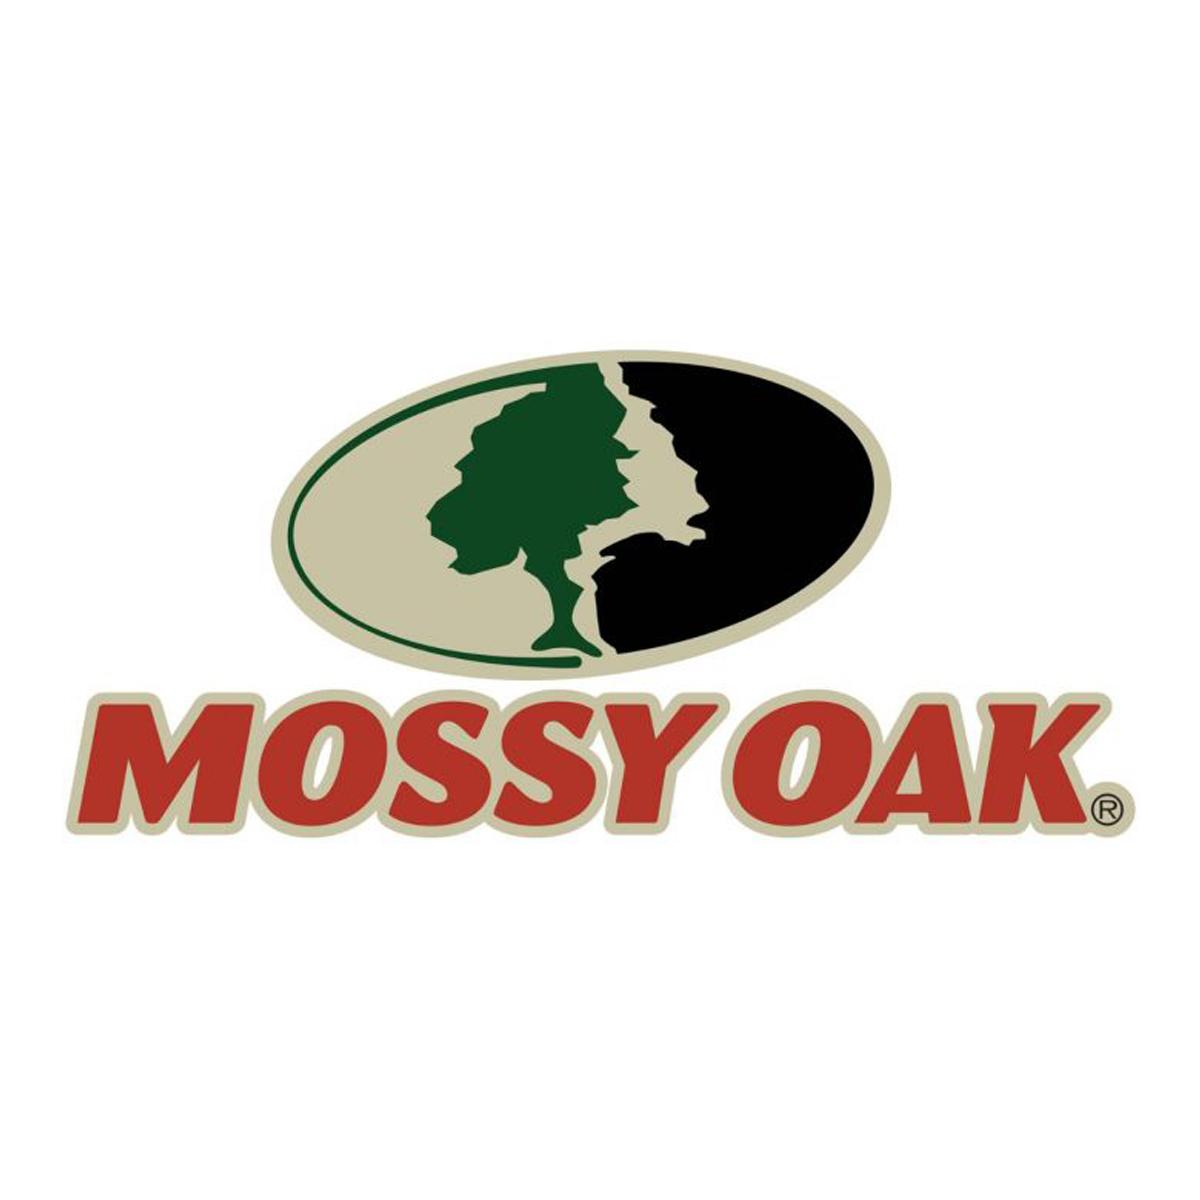 custom mossy oak apparel dc ny md va